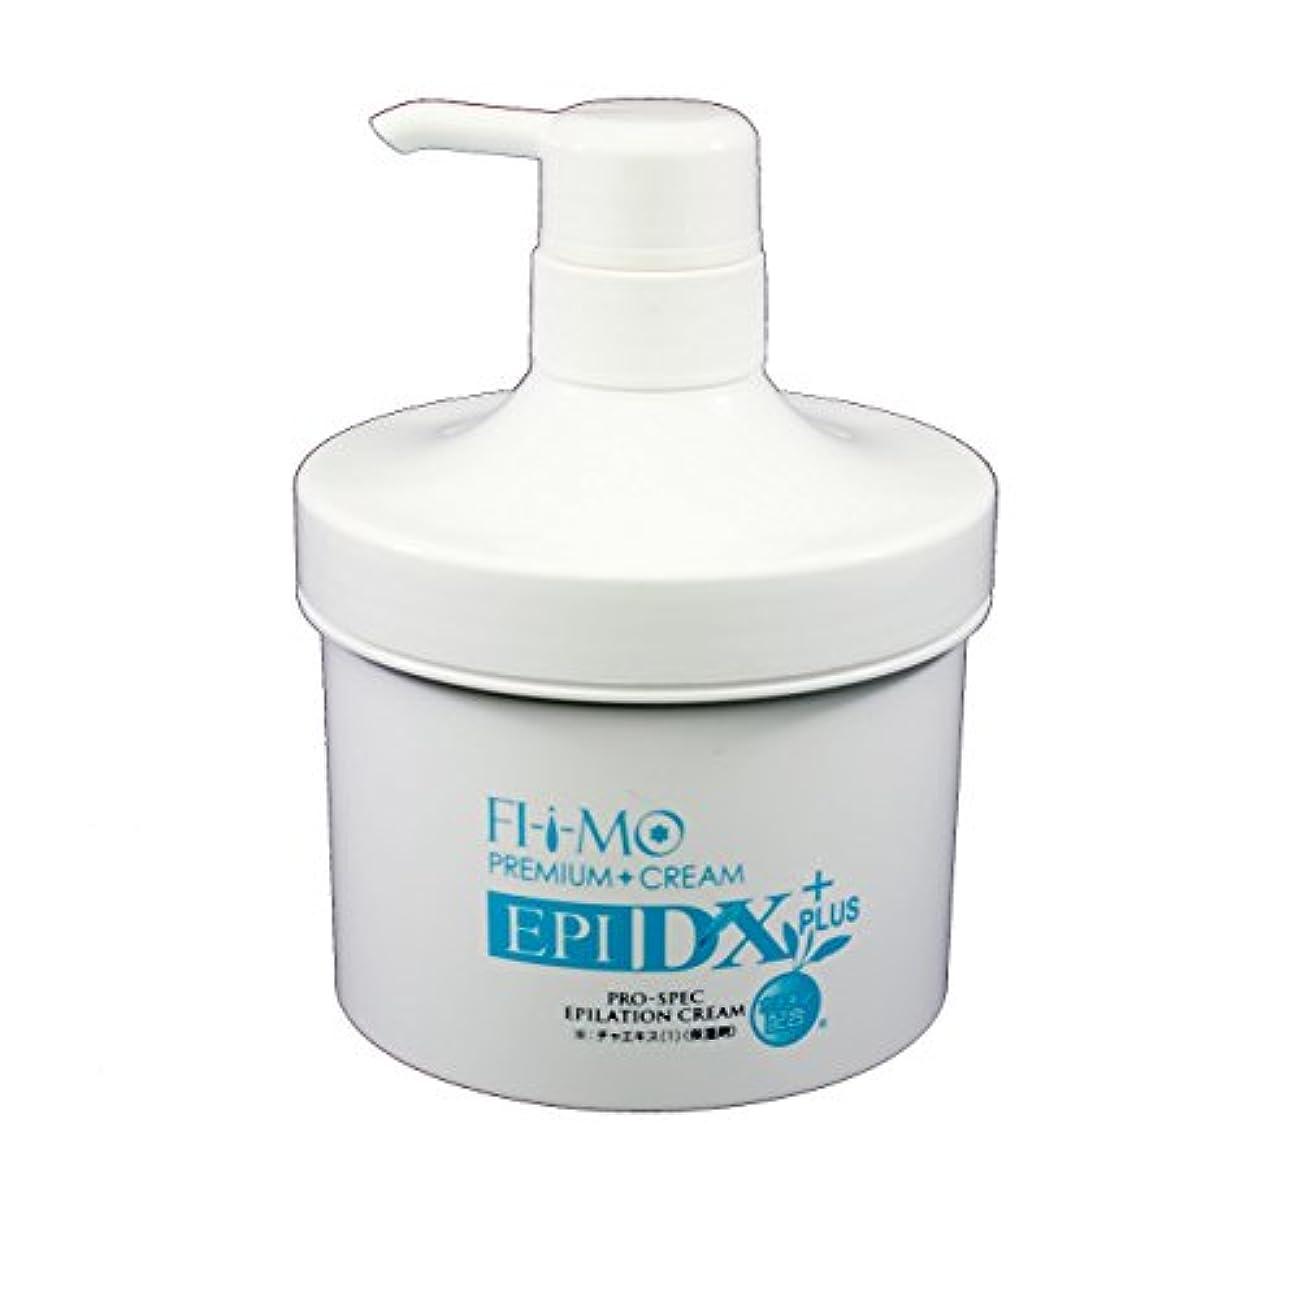 対応するドキドキ現像男女兼用除毛クリーム FI-i-MO エピDX PLUS 500g